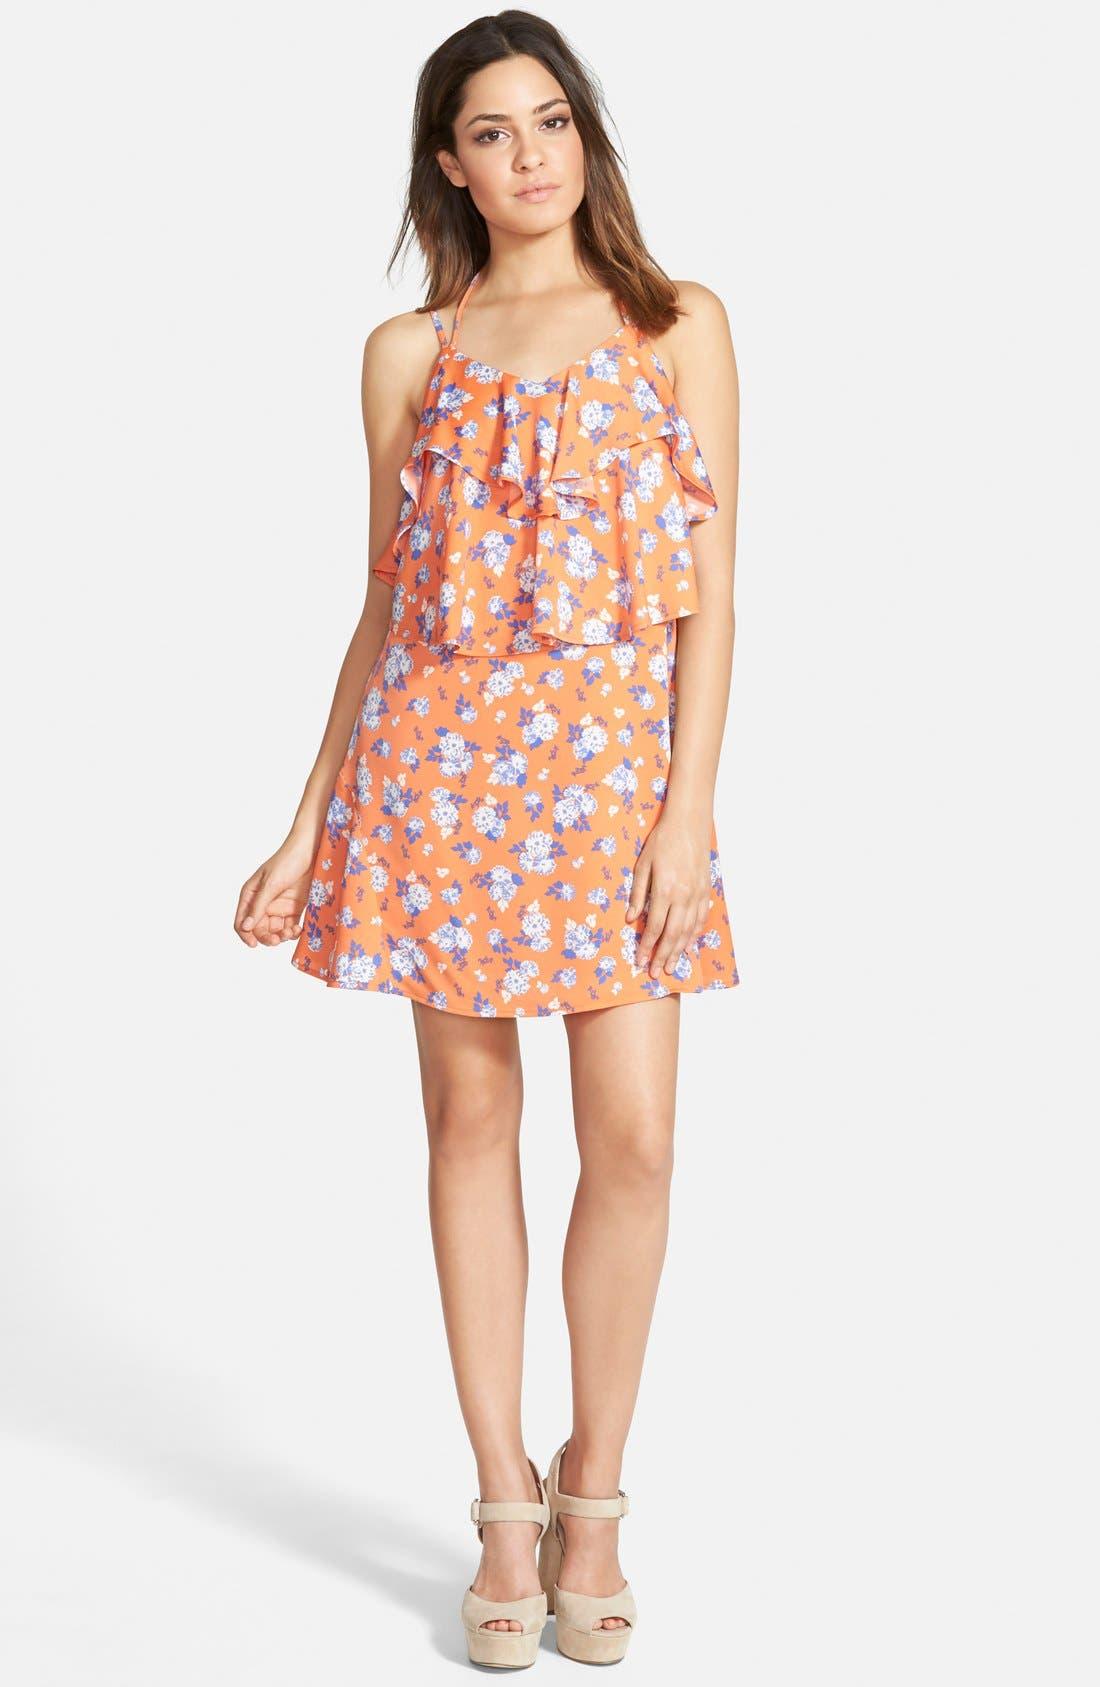 Main Image - J.O.A. Print Overlay Dress